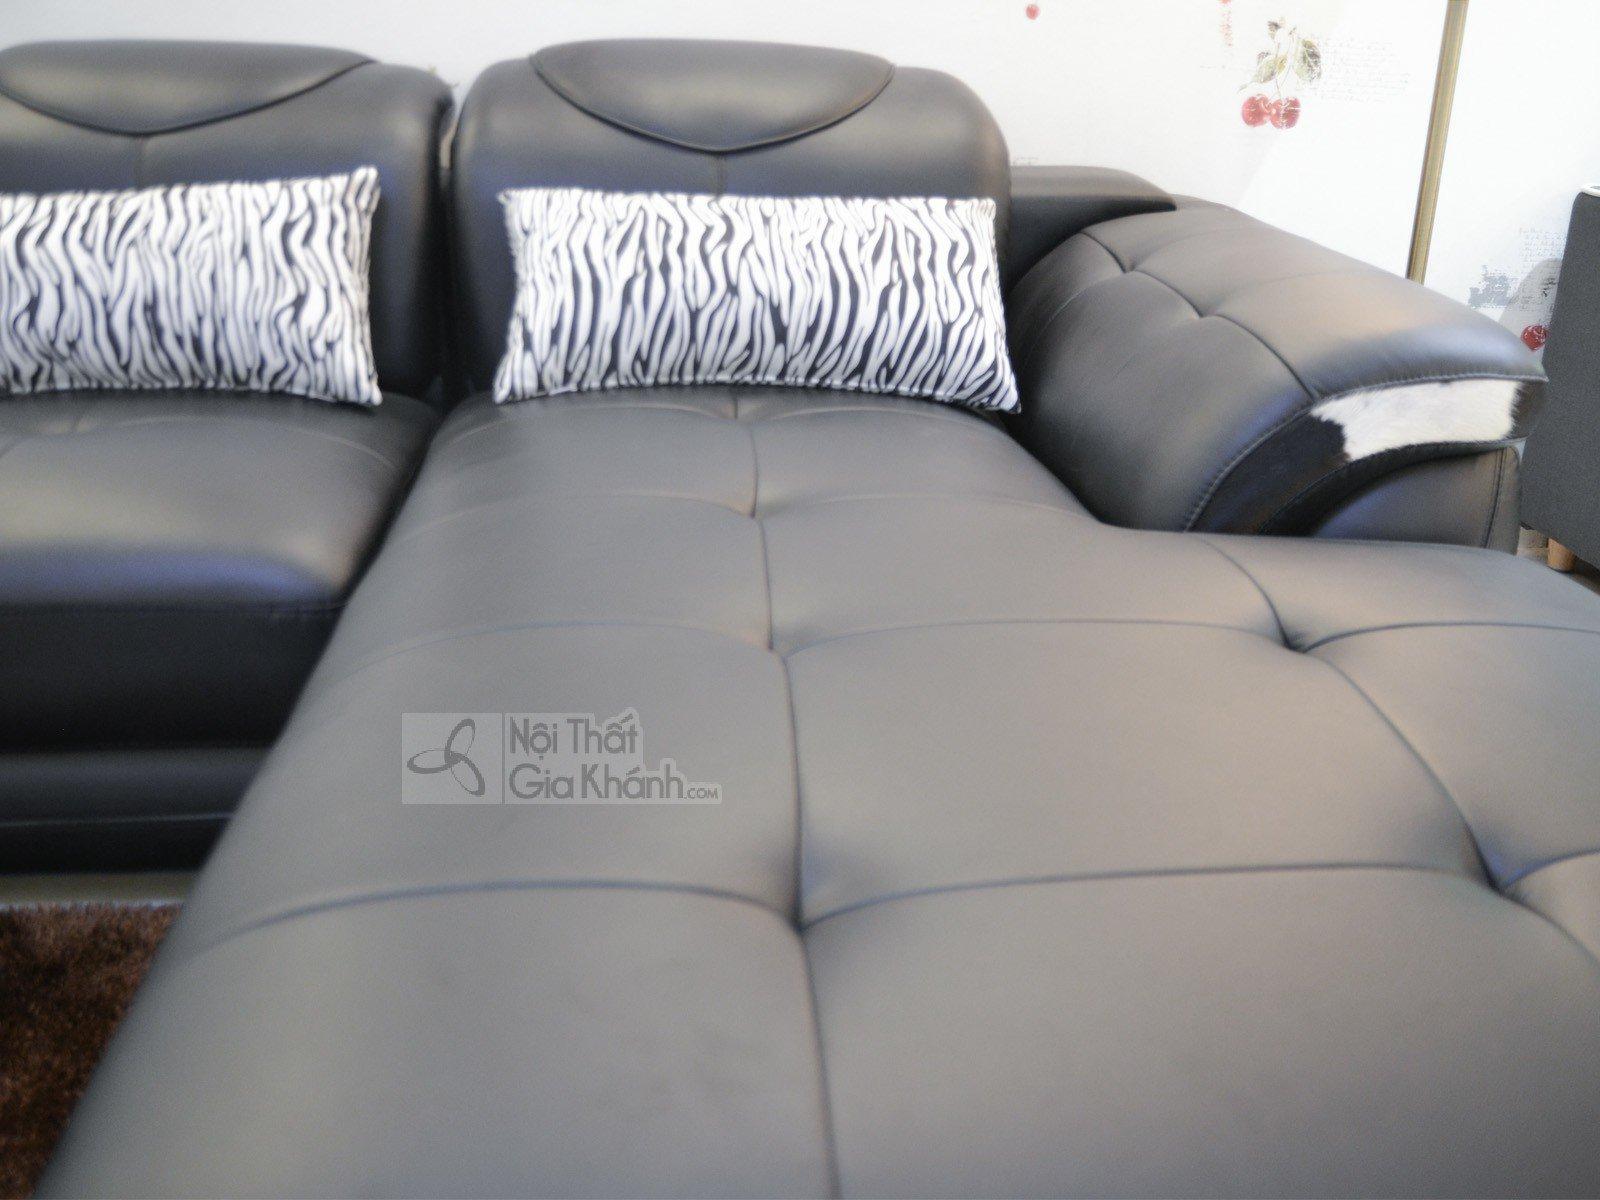 chat-lieu-ghe-sofa-3-cho